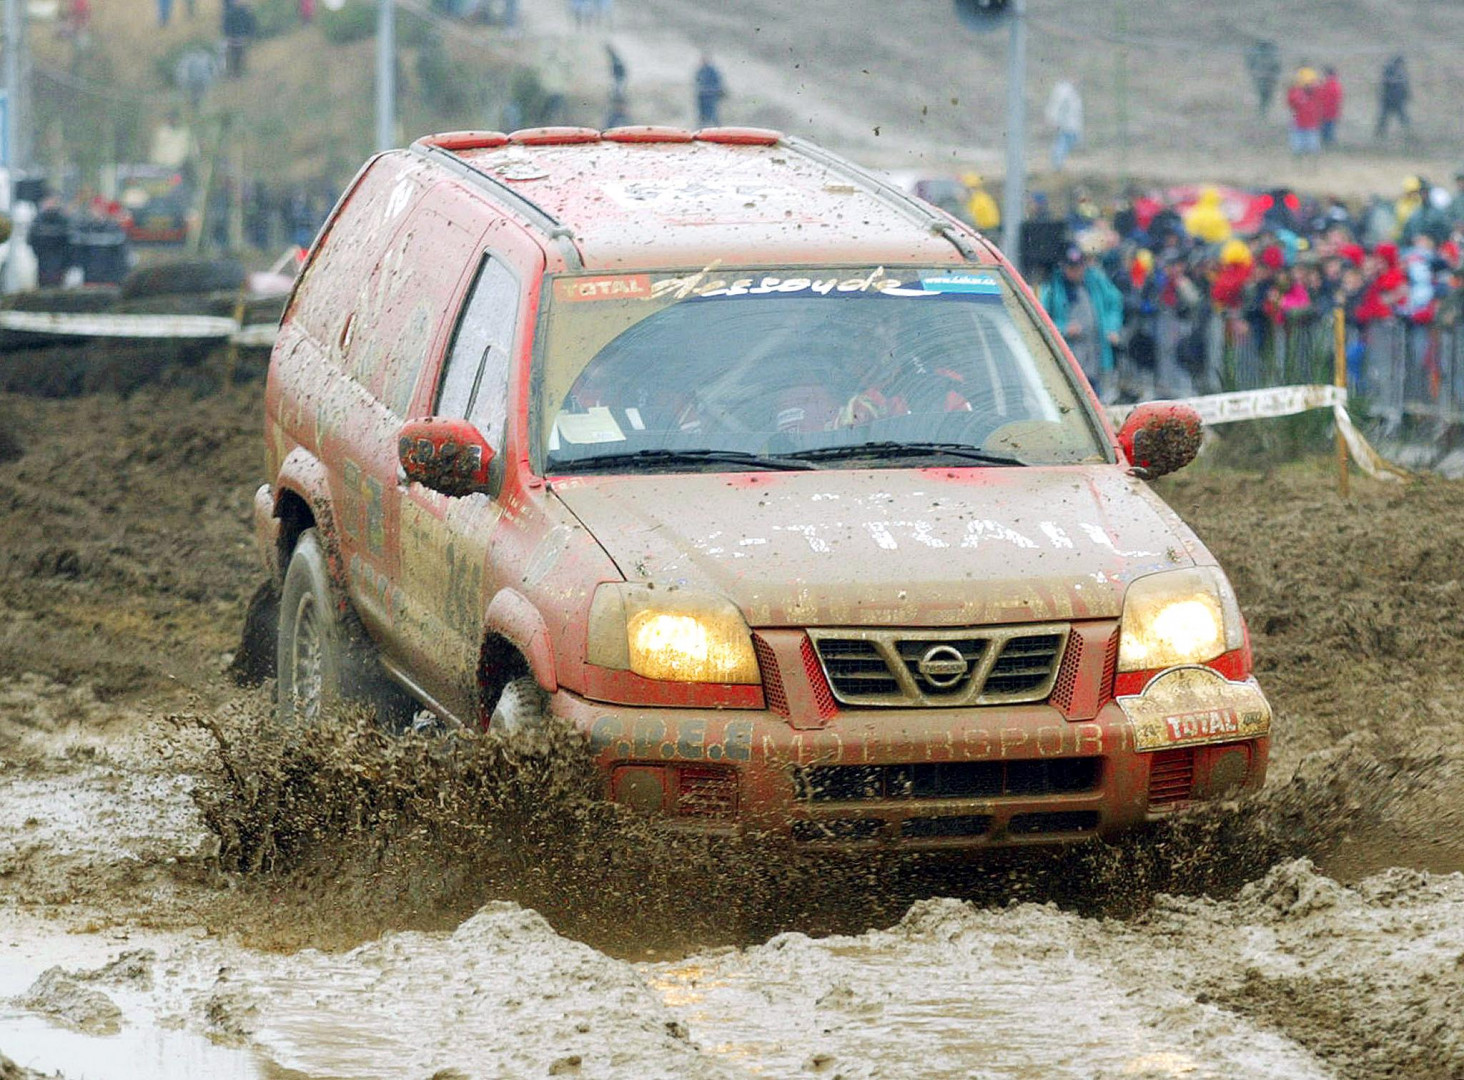 29 décembre 2001 : premières sensations fortes à La Souterraine, lors de la 2e étape